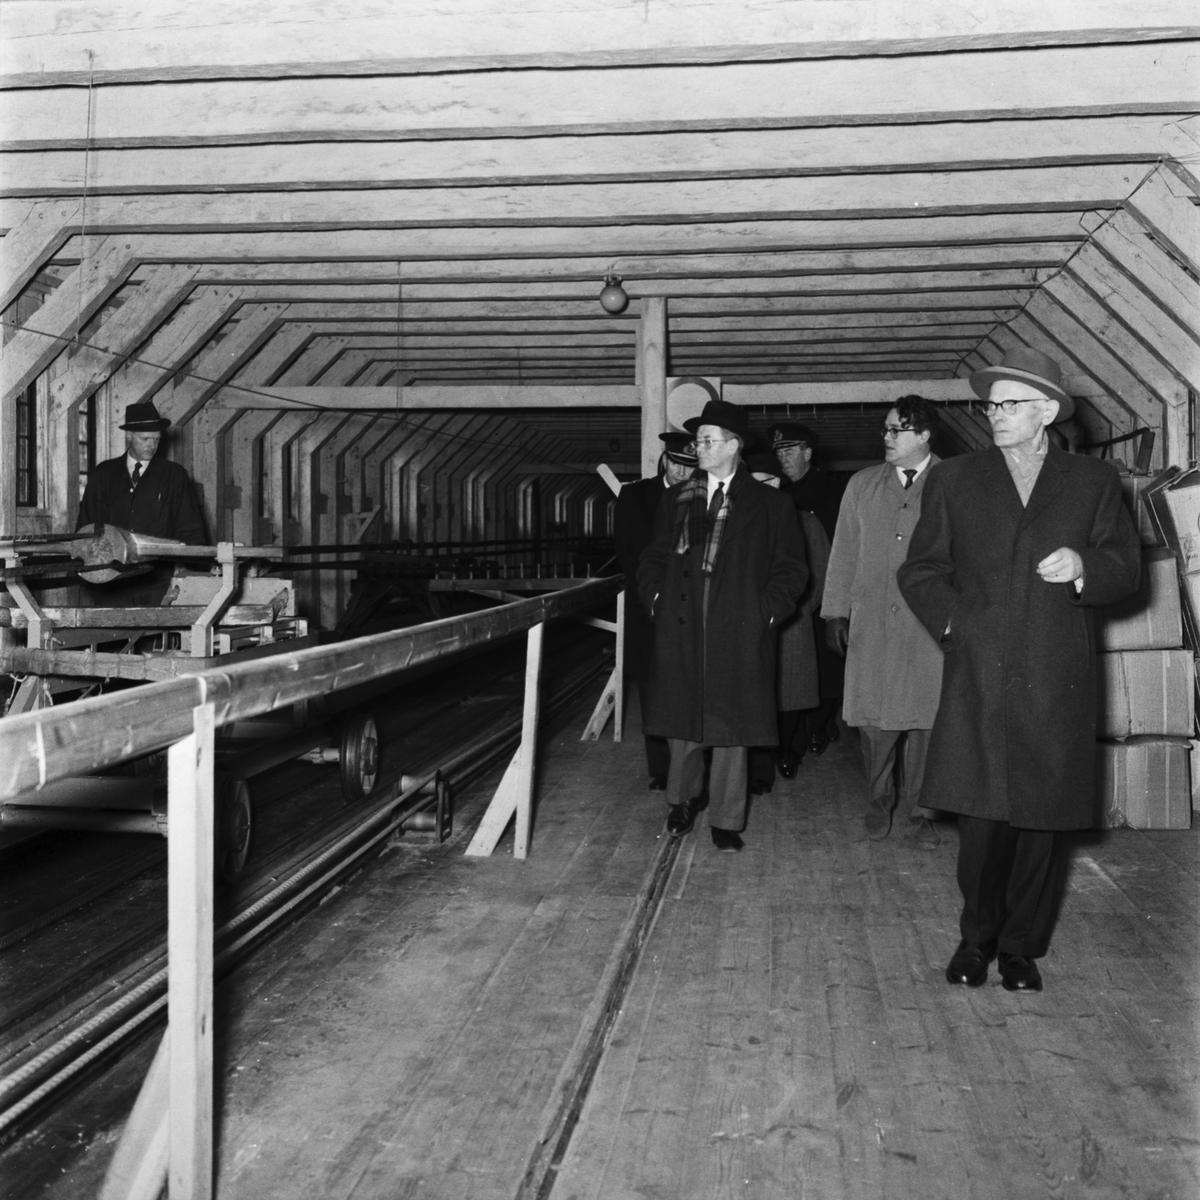 Övrigt: Foto datum: 31/12 1960 Byggnader och kranar Repslagarebanan sista tampen interiör